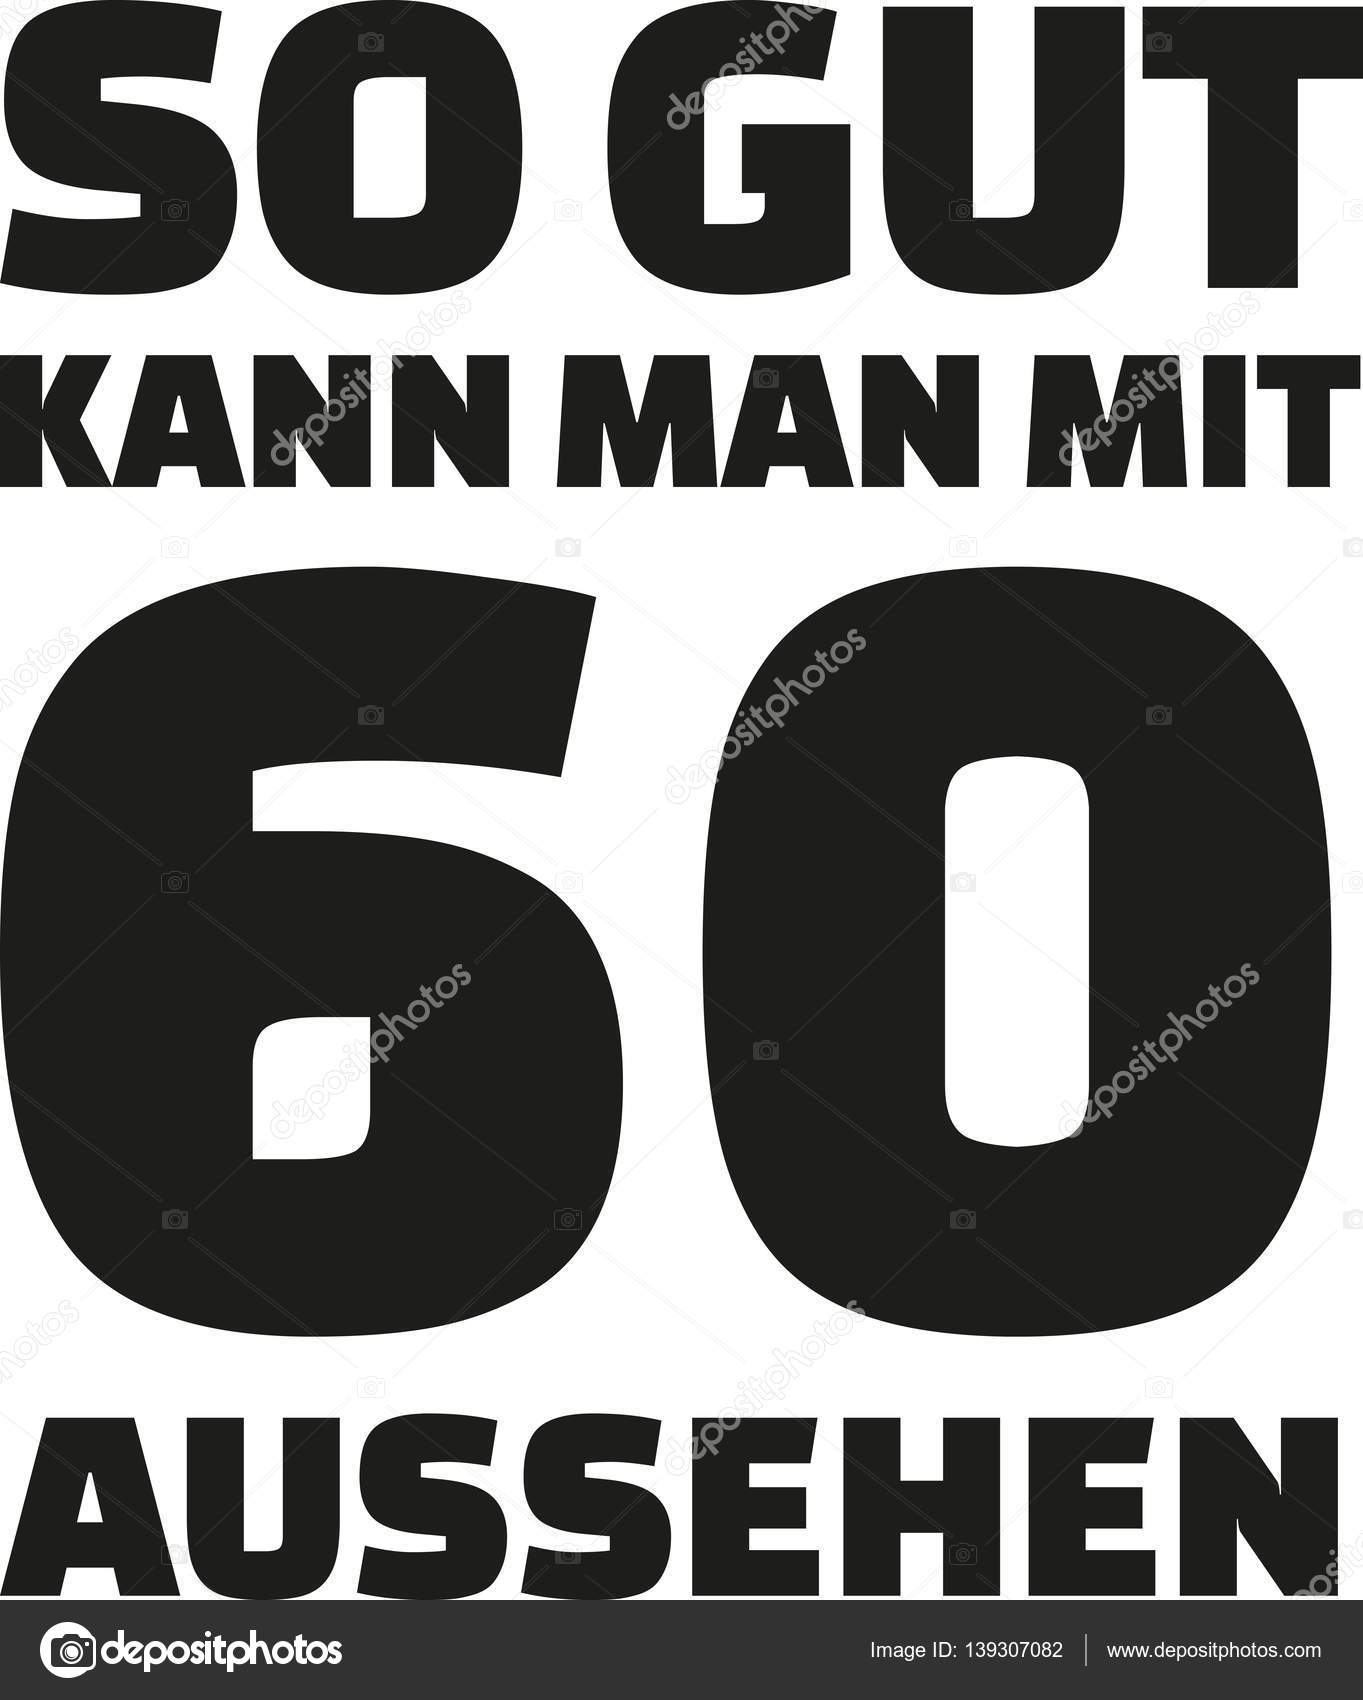 Top 60ste verjaardag Duits - dit is hoe goed kun je met 60 jaar #HY66